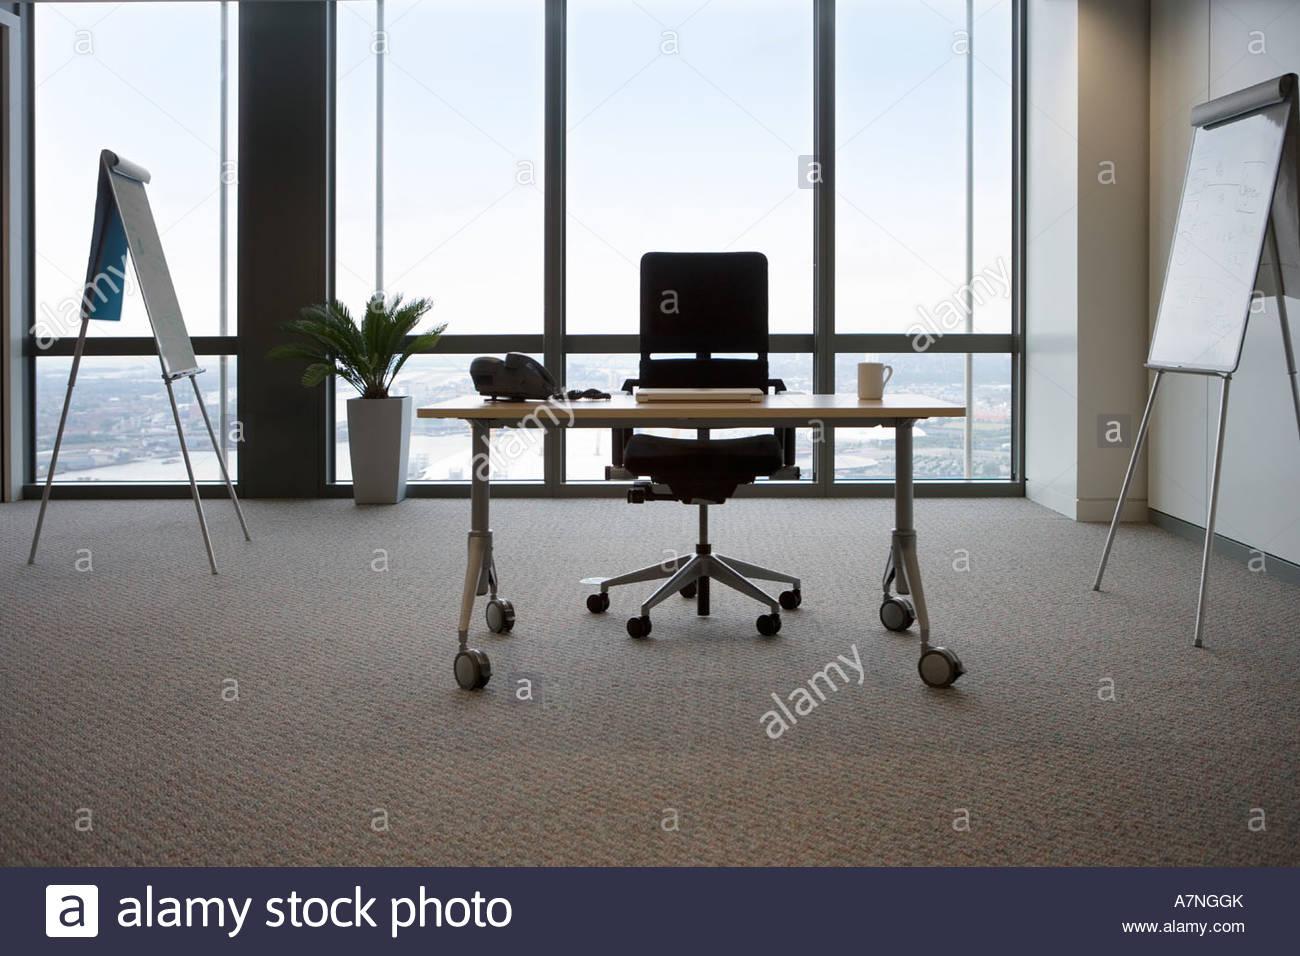 Bureau et chaise de bureau dans la fenêtre de vue de face et de